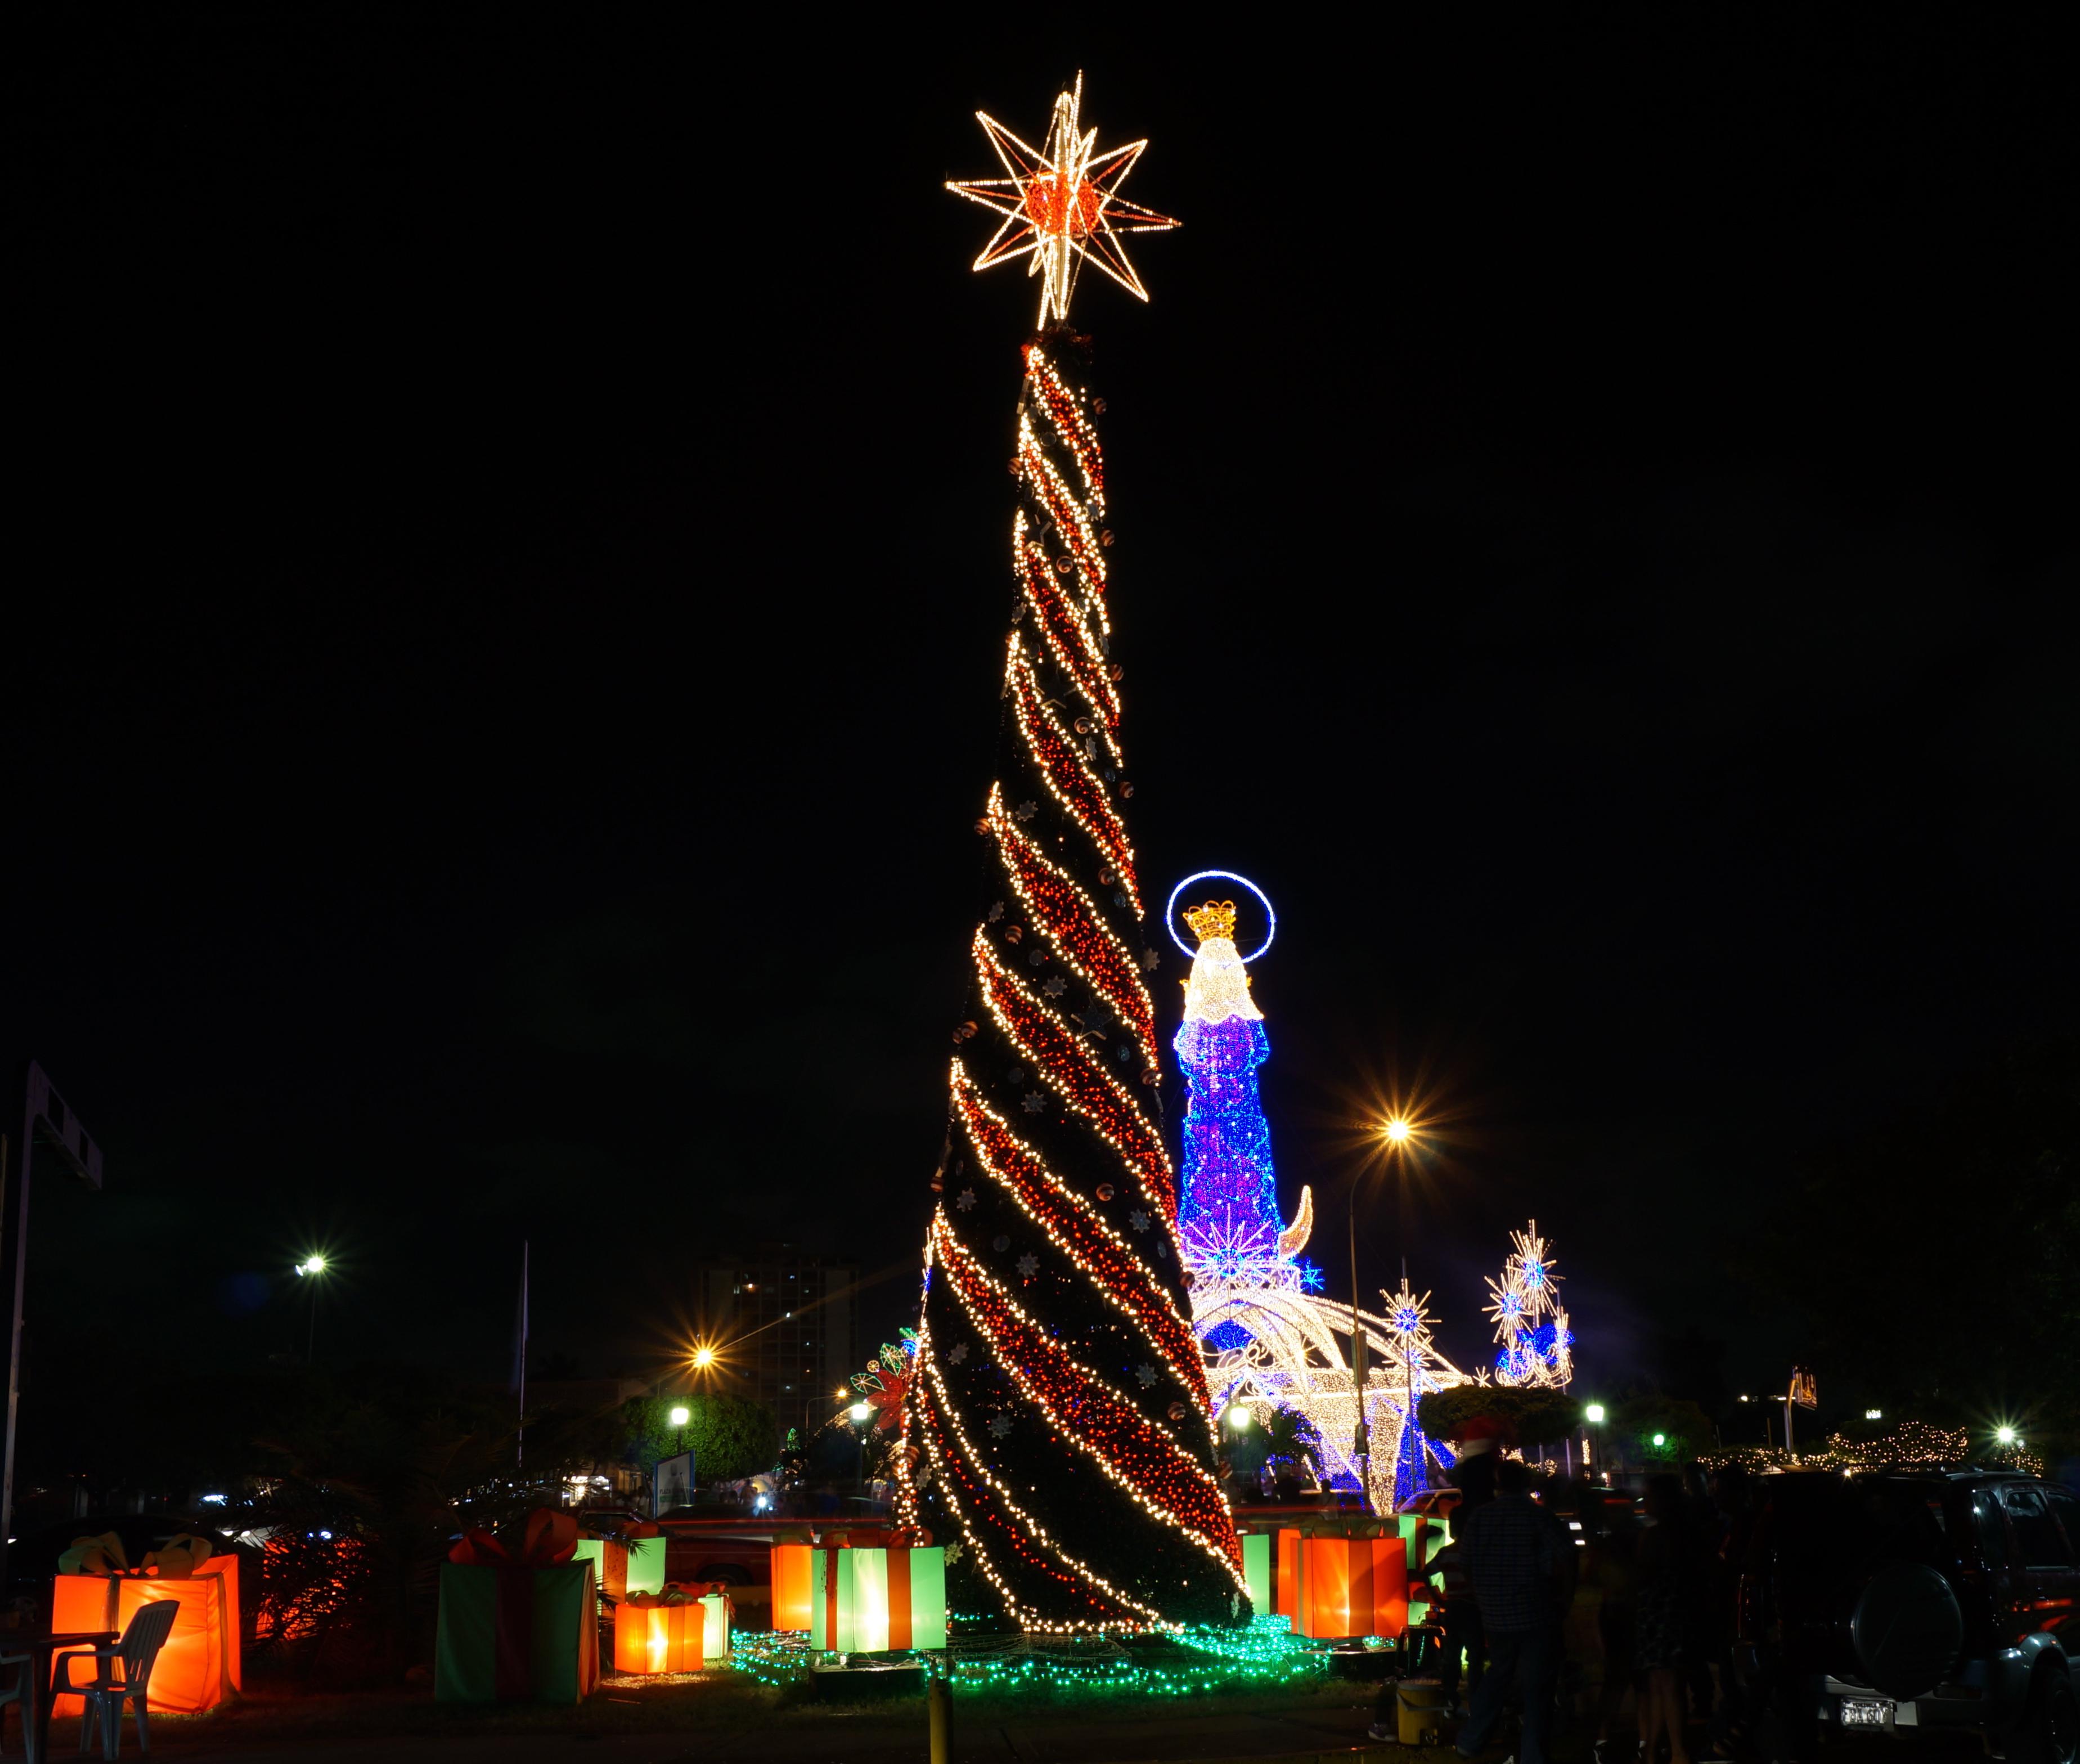 File arbol de navidad i jpg wikimedia commons - Arboles decorados de navidad ...